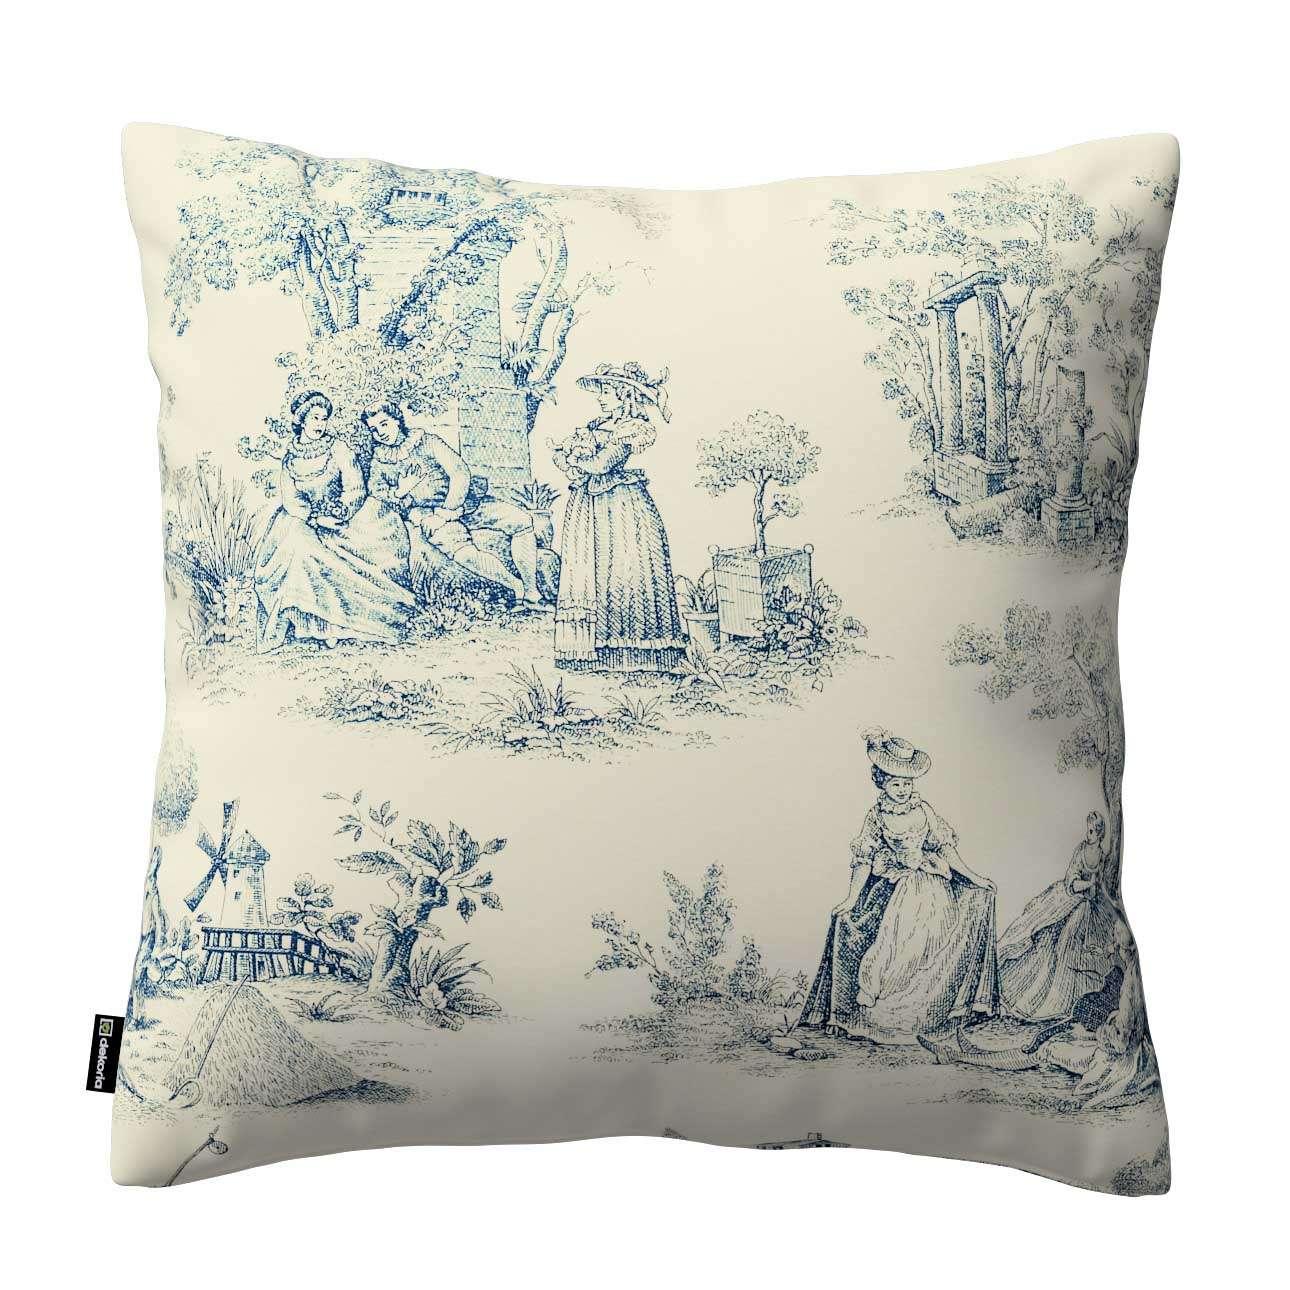 Kinga dekoratyvinės pagalvėlės užvalkalas 43 x 43 cm kolekcijoje Avinon, audinys: 132-66